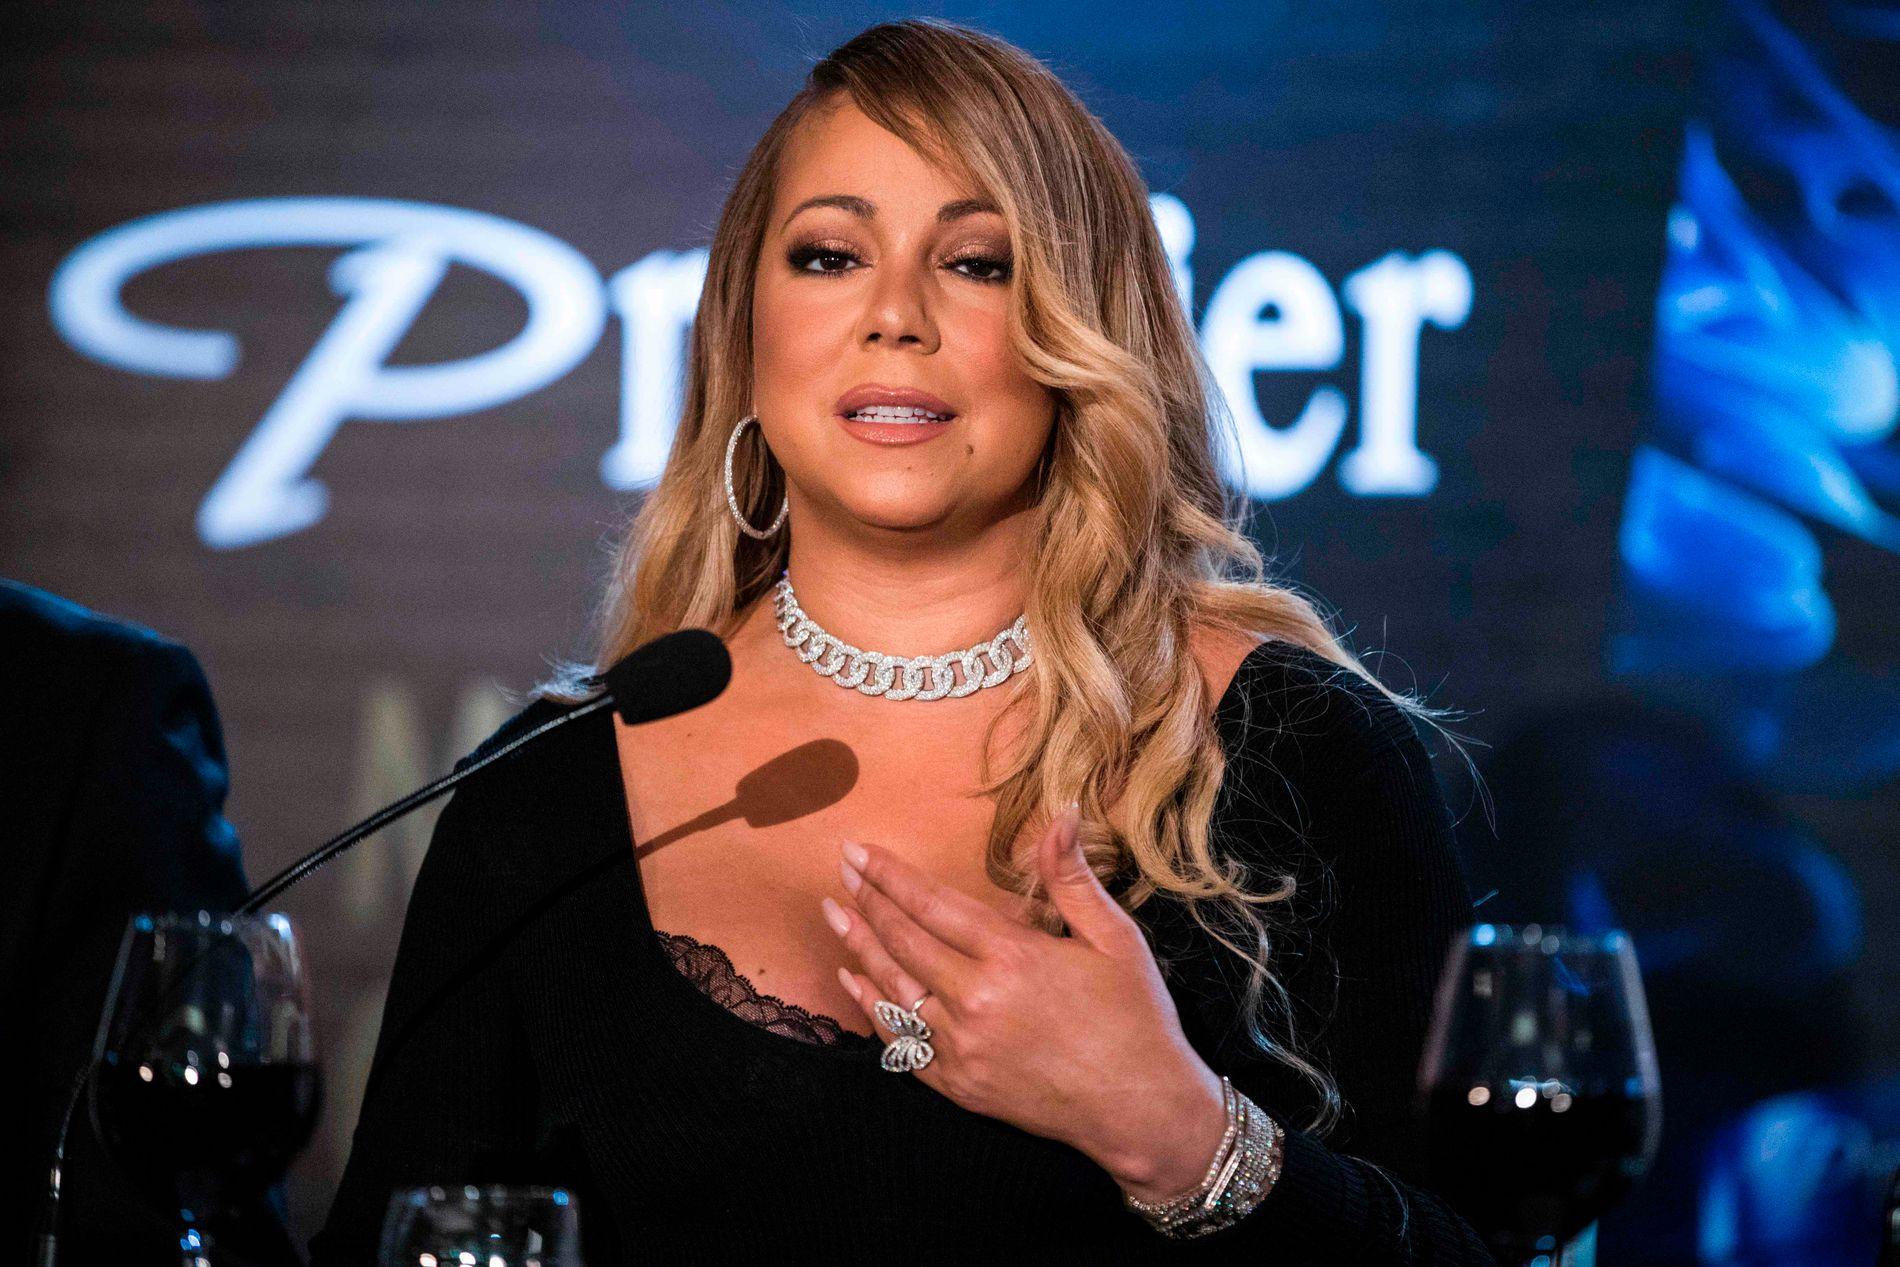 SLITER: I et nytt intervju forteller Mariah Carey om sine psykiske problemer. Hun fikk diagnosen bipolar lidelse allerede i 2001, men nektet å tro det.